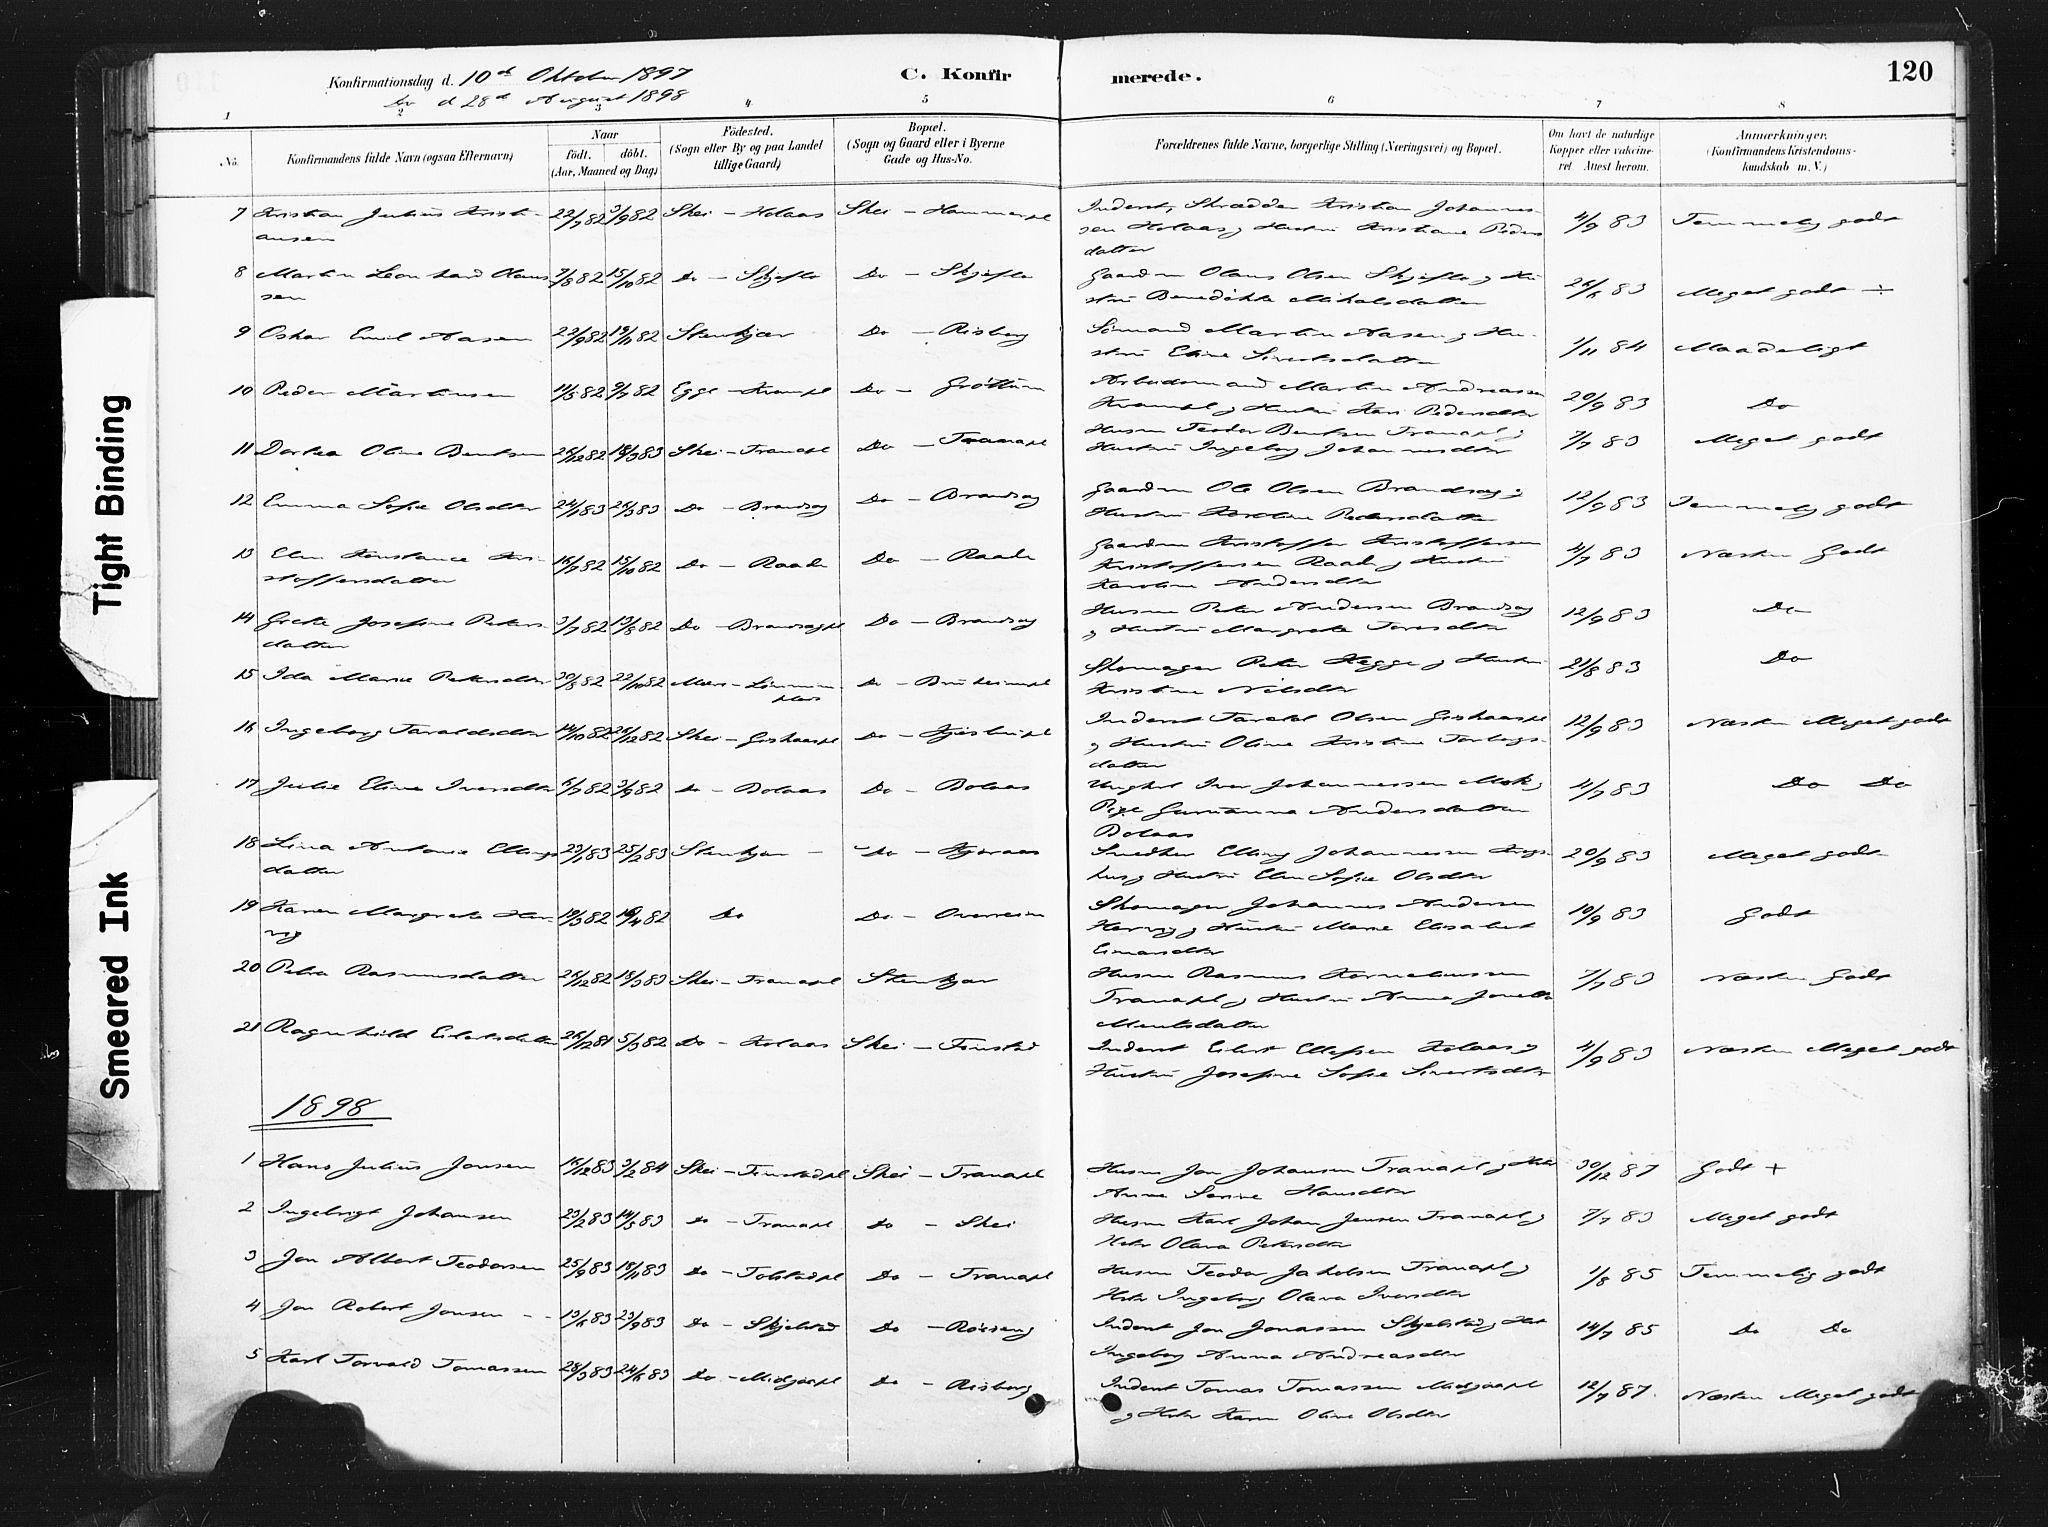 SAT, Ministerialprotokoller, klokkerbøker og fødselsregistre - Nord-Trøndelag, 736/L0361: Ministerialbok nr. 736A01, 1884-1906, s. 120